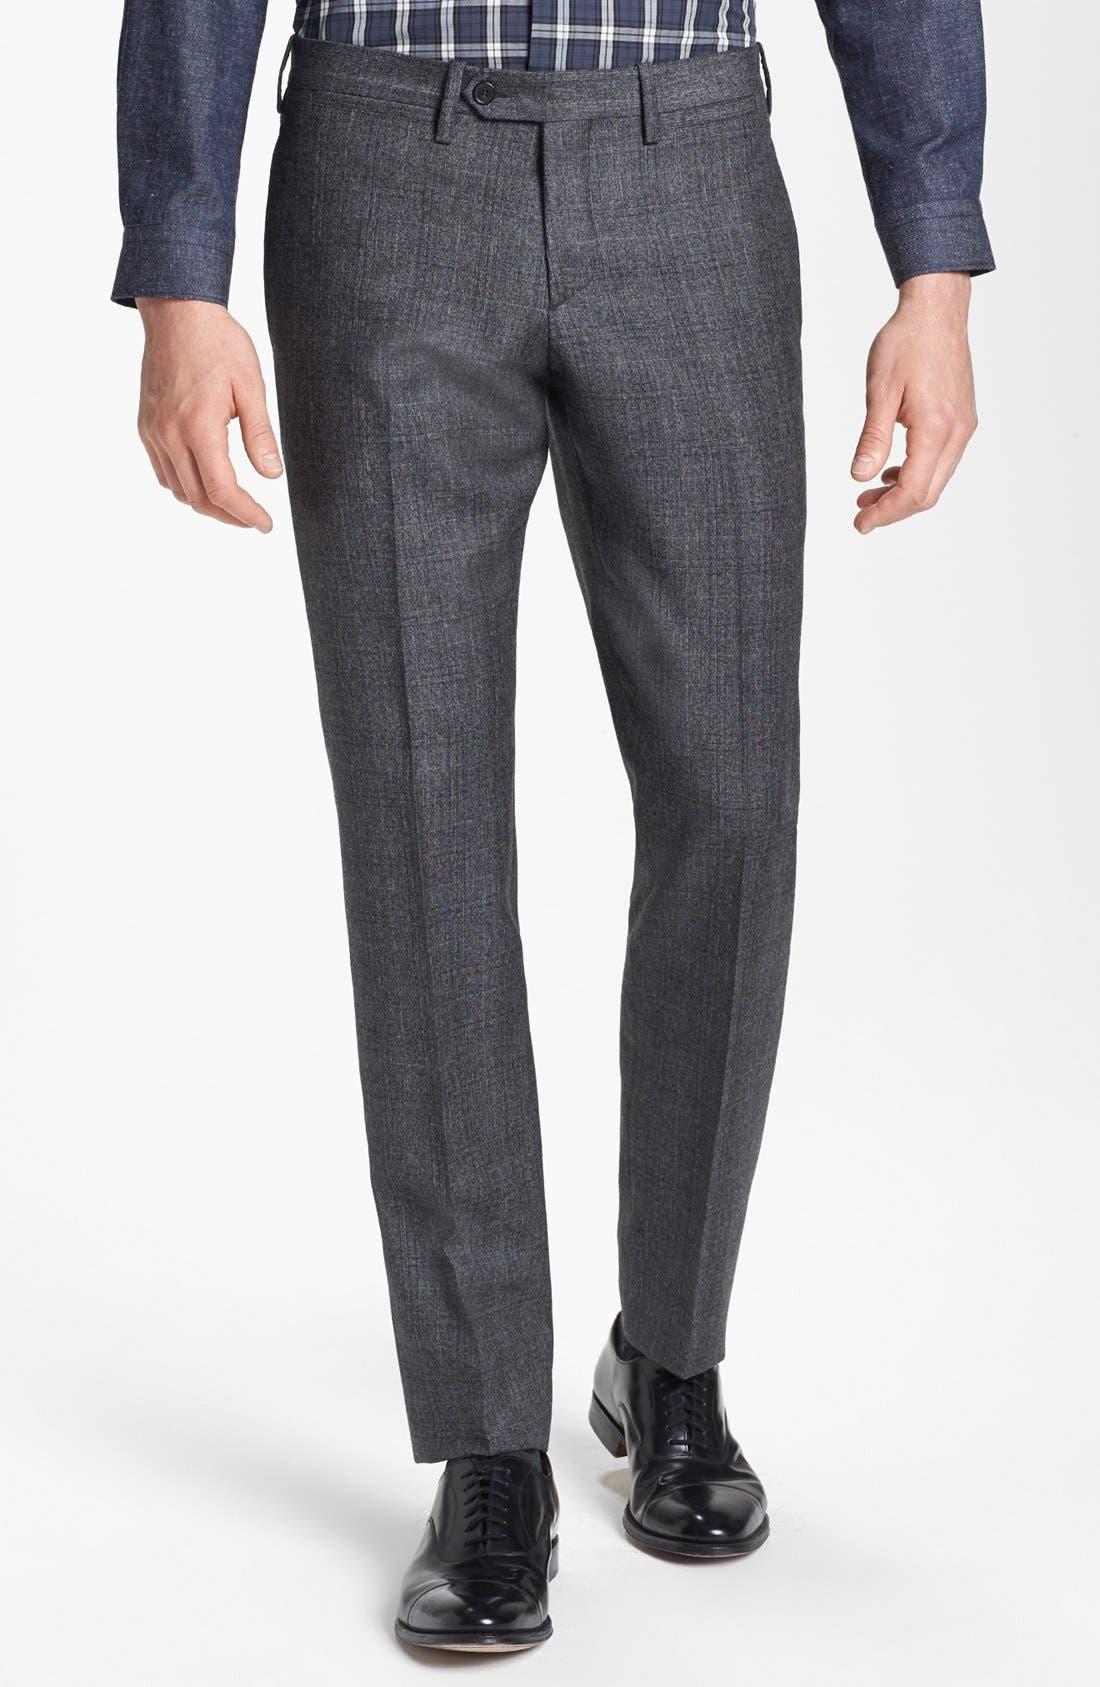 NEIL BARRETT, Windowpane Plaid Wool Suit, Alternate thumbnail 5, color, 020